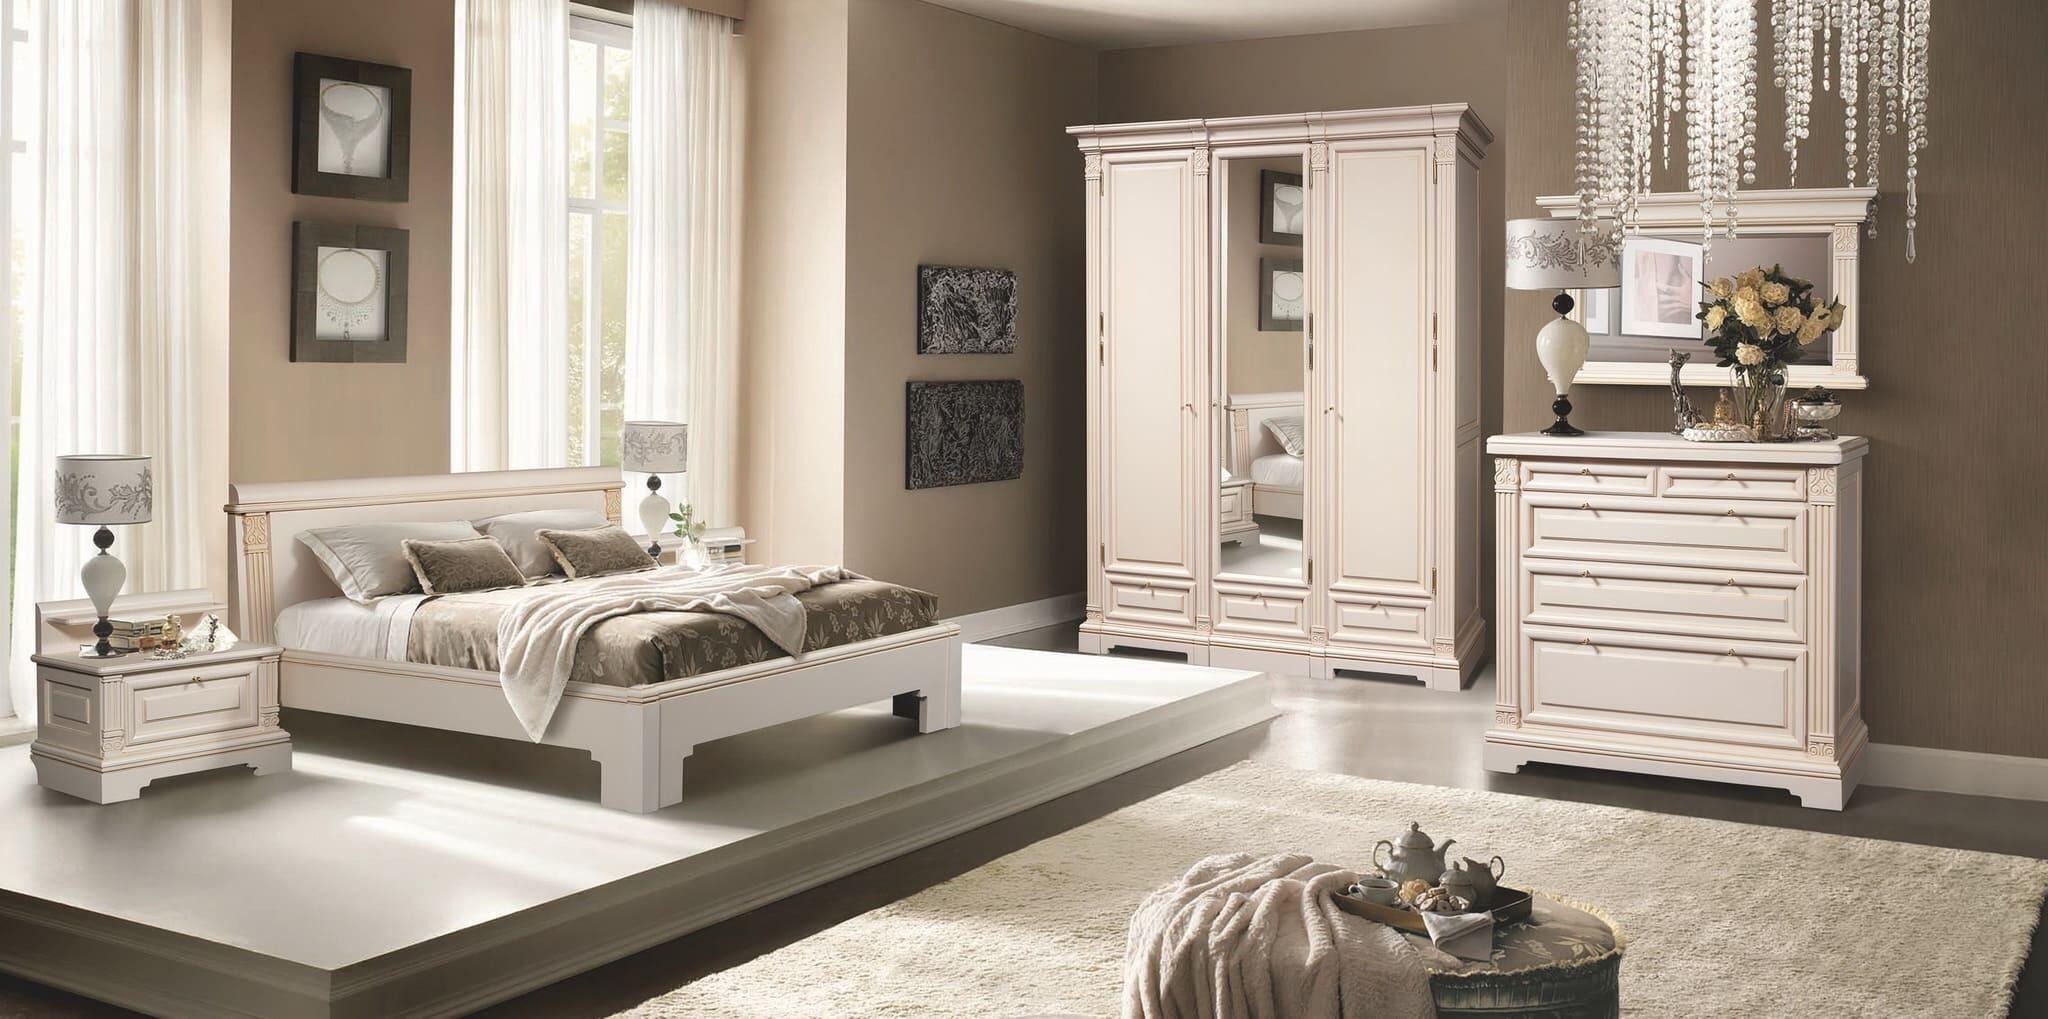 Набор мебели для спальни «Престиж-8.1»  ГМ 5980